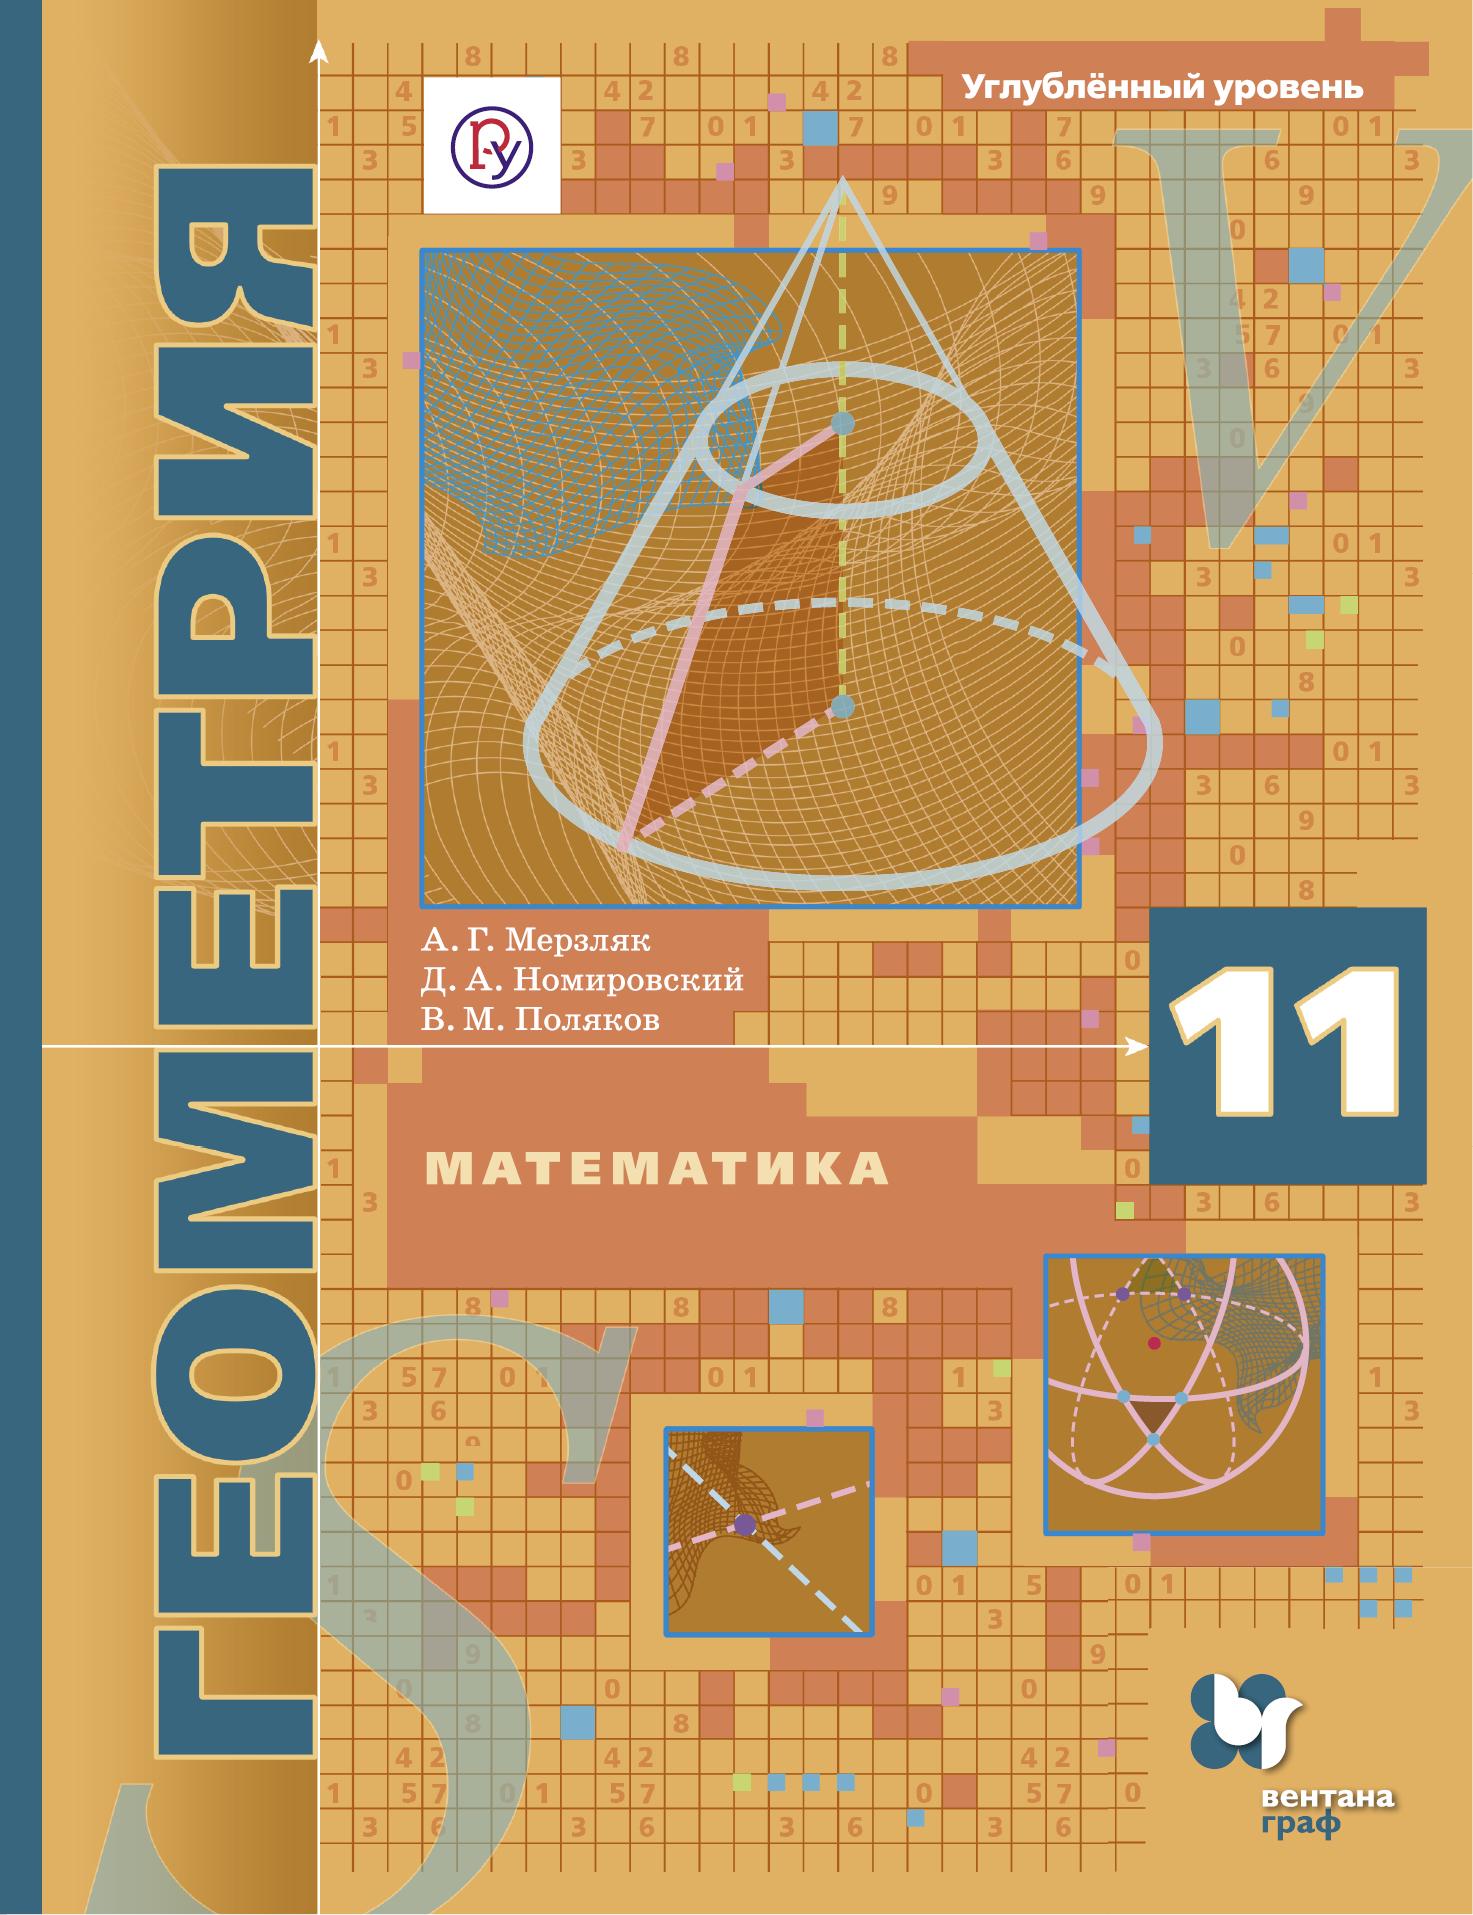 А. Г. Мерзляк,Д. А. Номировский,В. М. Поляков Математика. Геометрия. Углублённый уровень. 11 класс. Учебник рубашка поло с полной запечаткой printio сочный арбуз